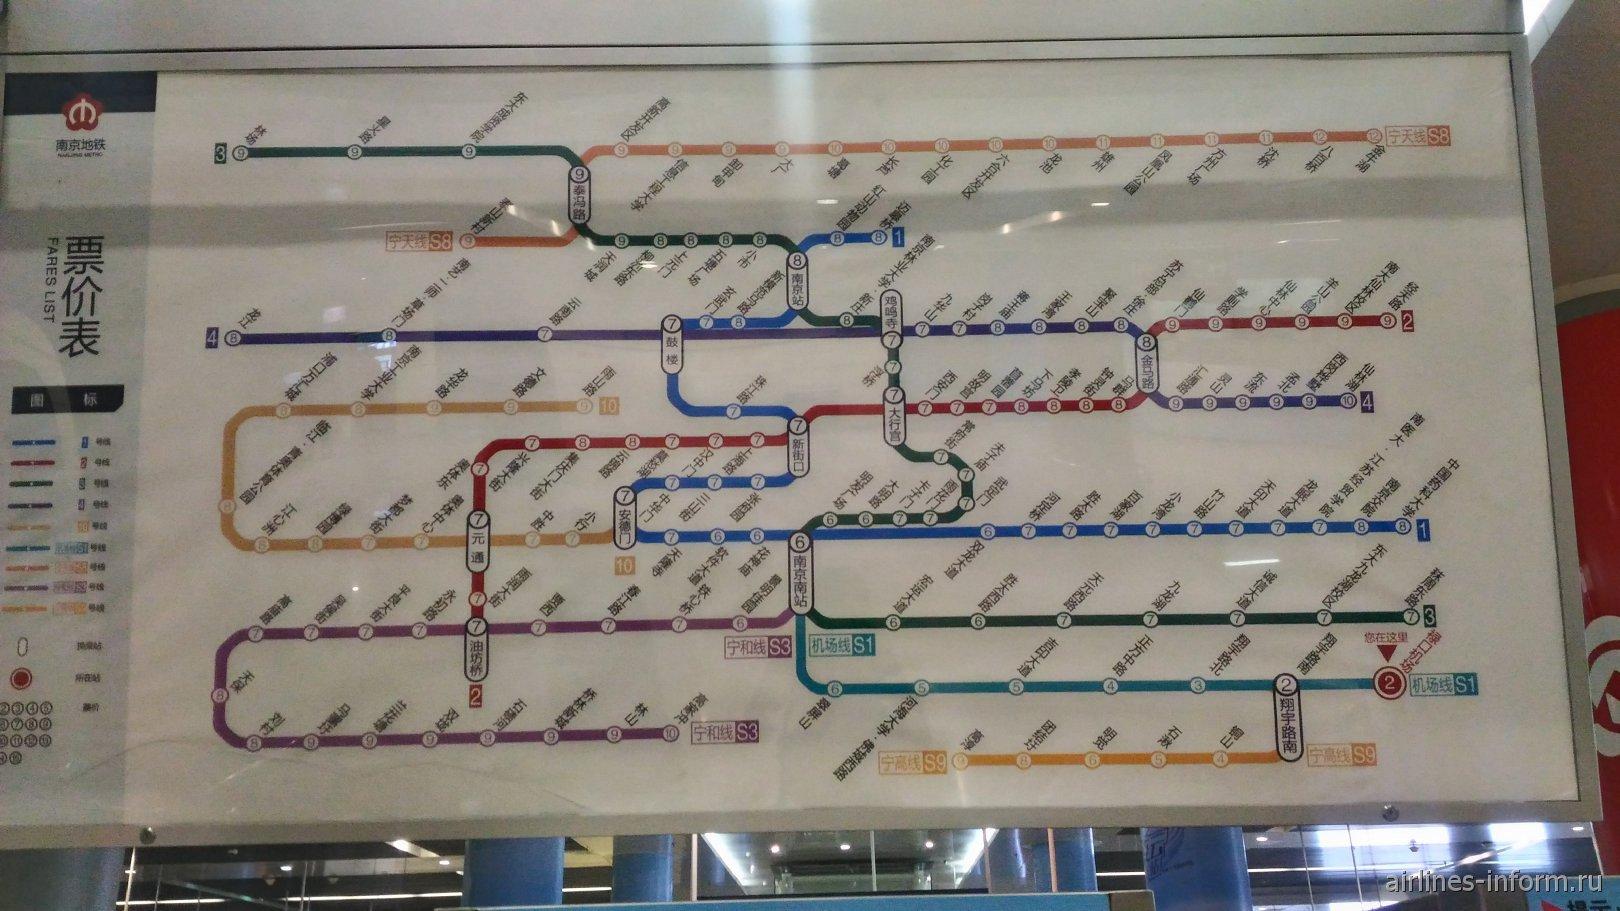 Схема метро Нанкина